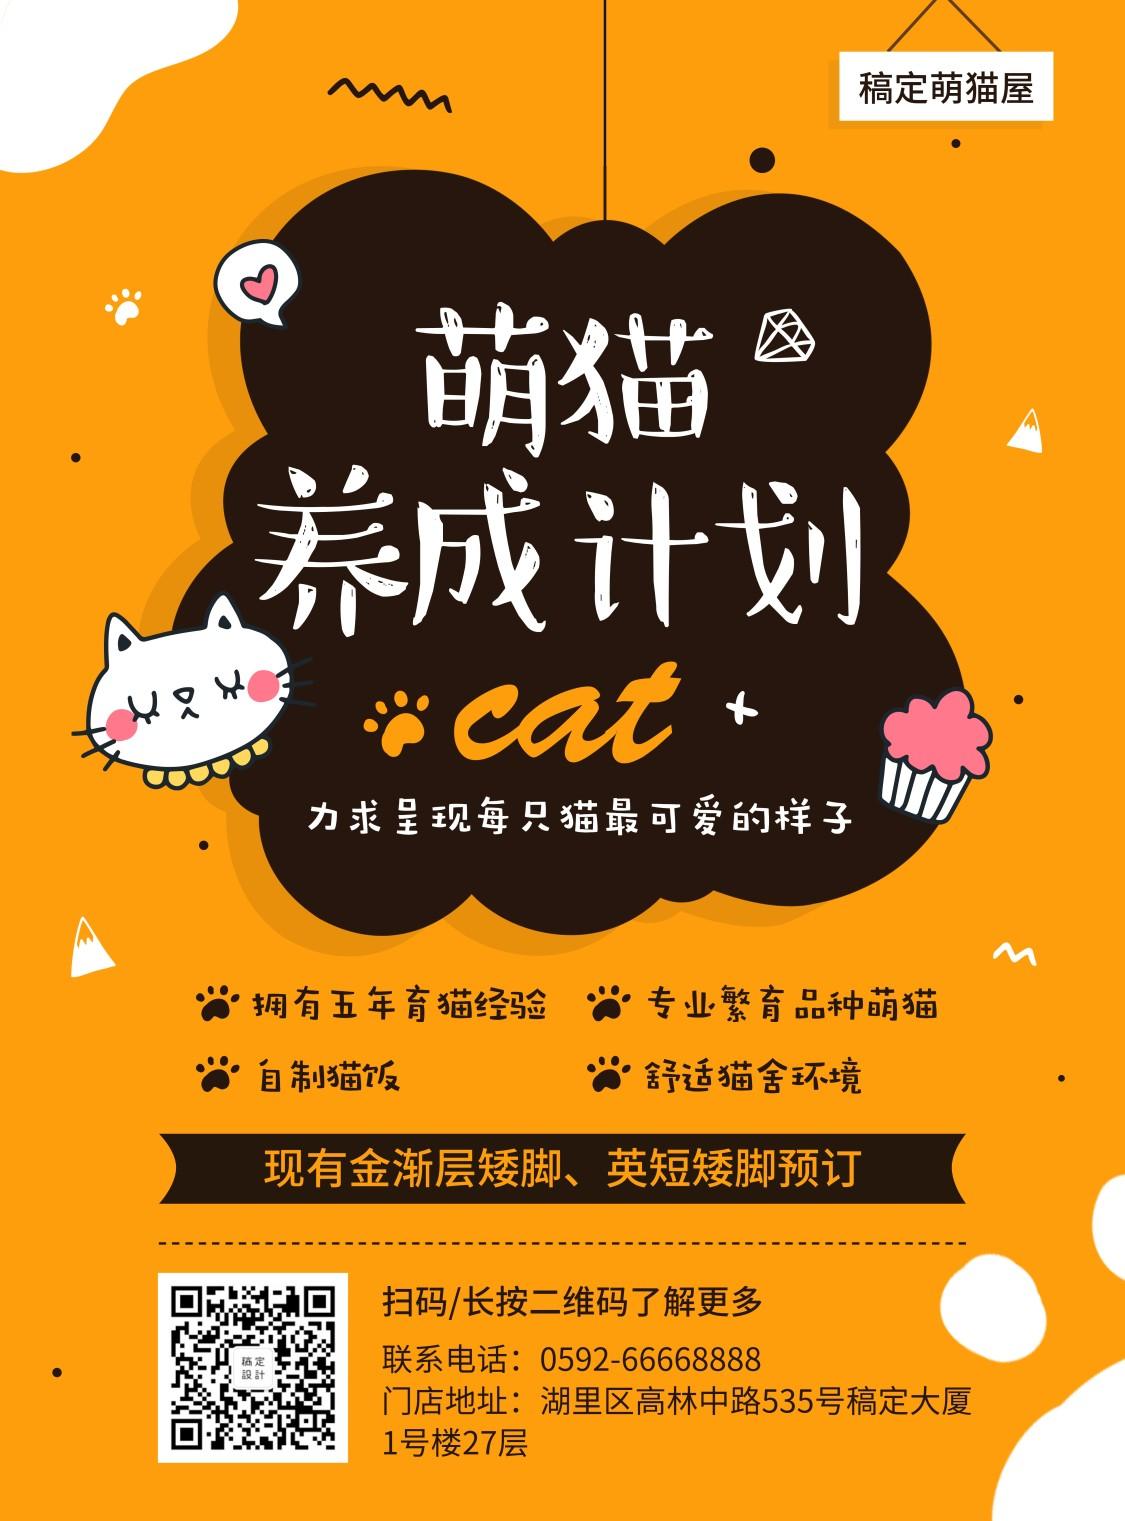 宠物/萌猫养成计划/项目介绍/张贴海报